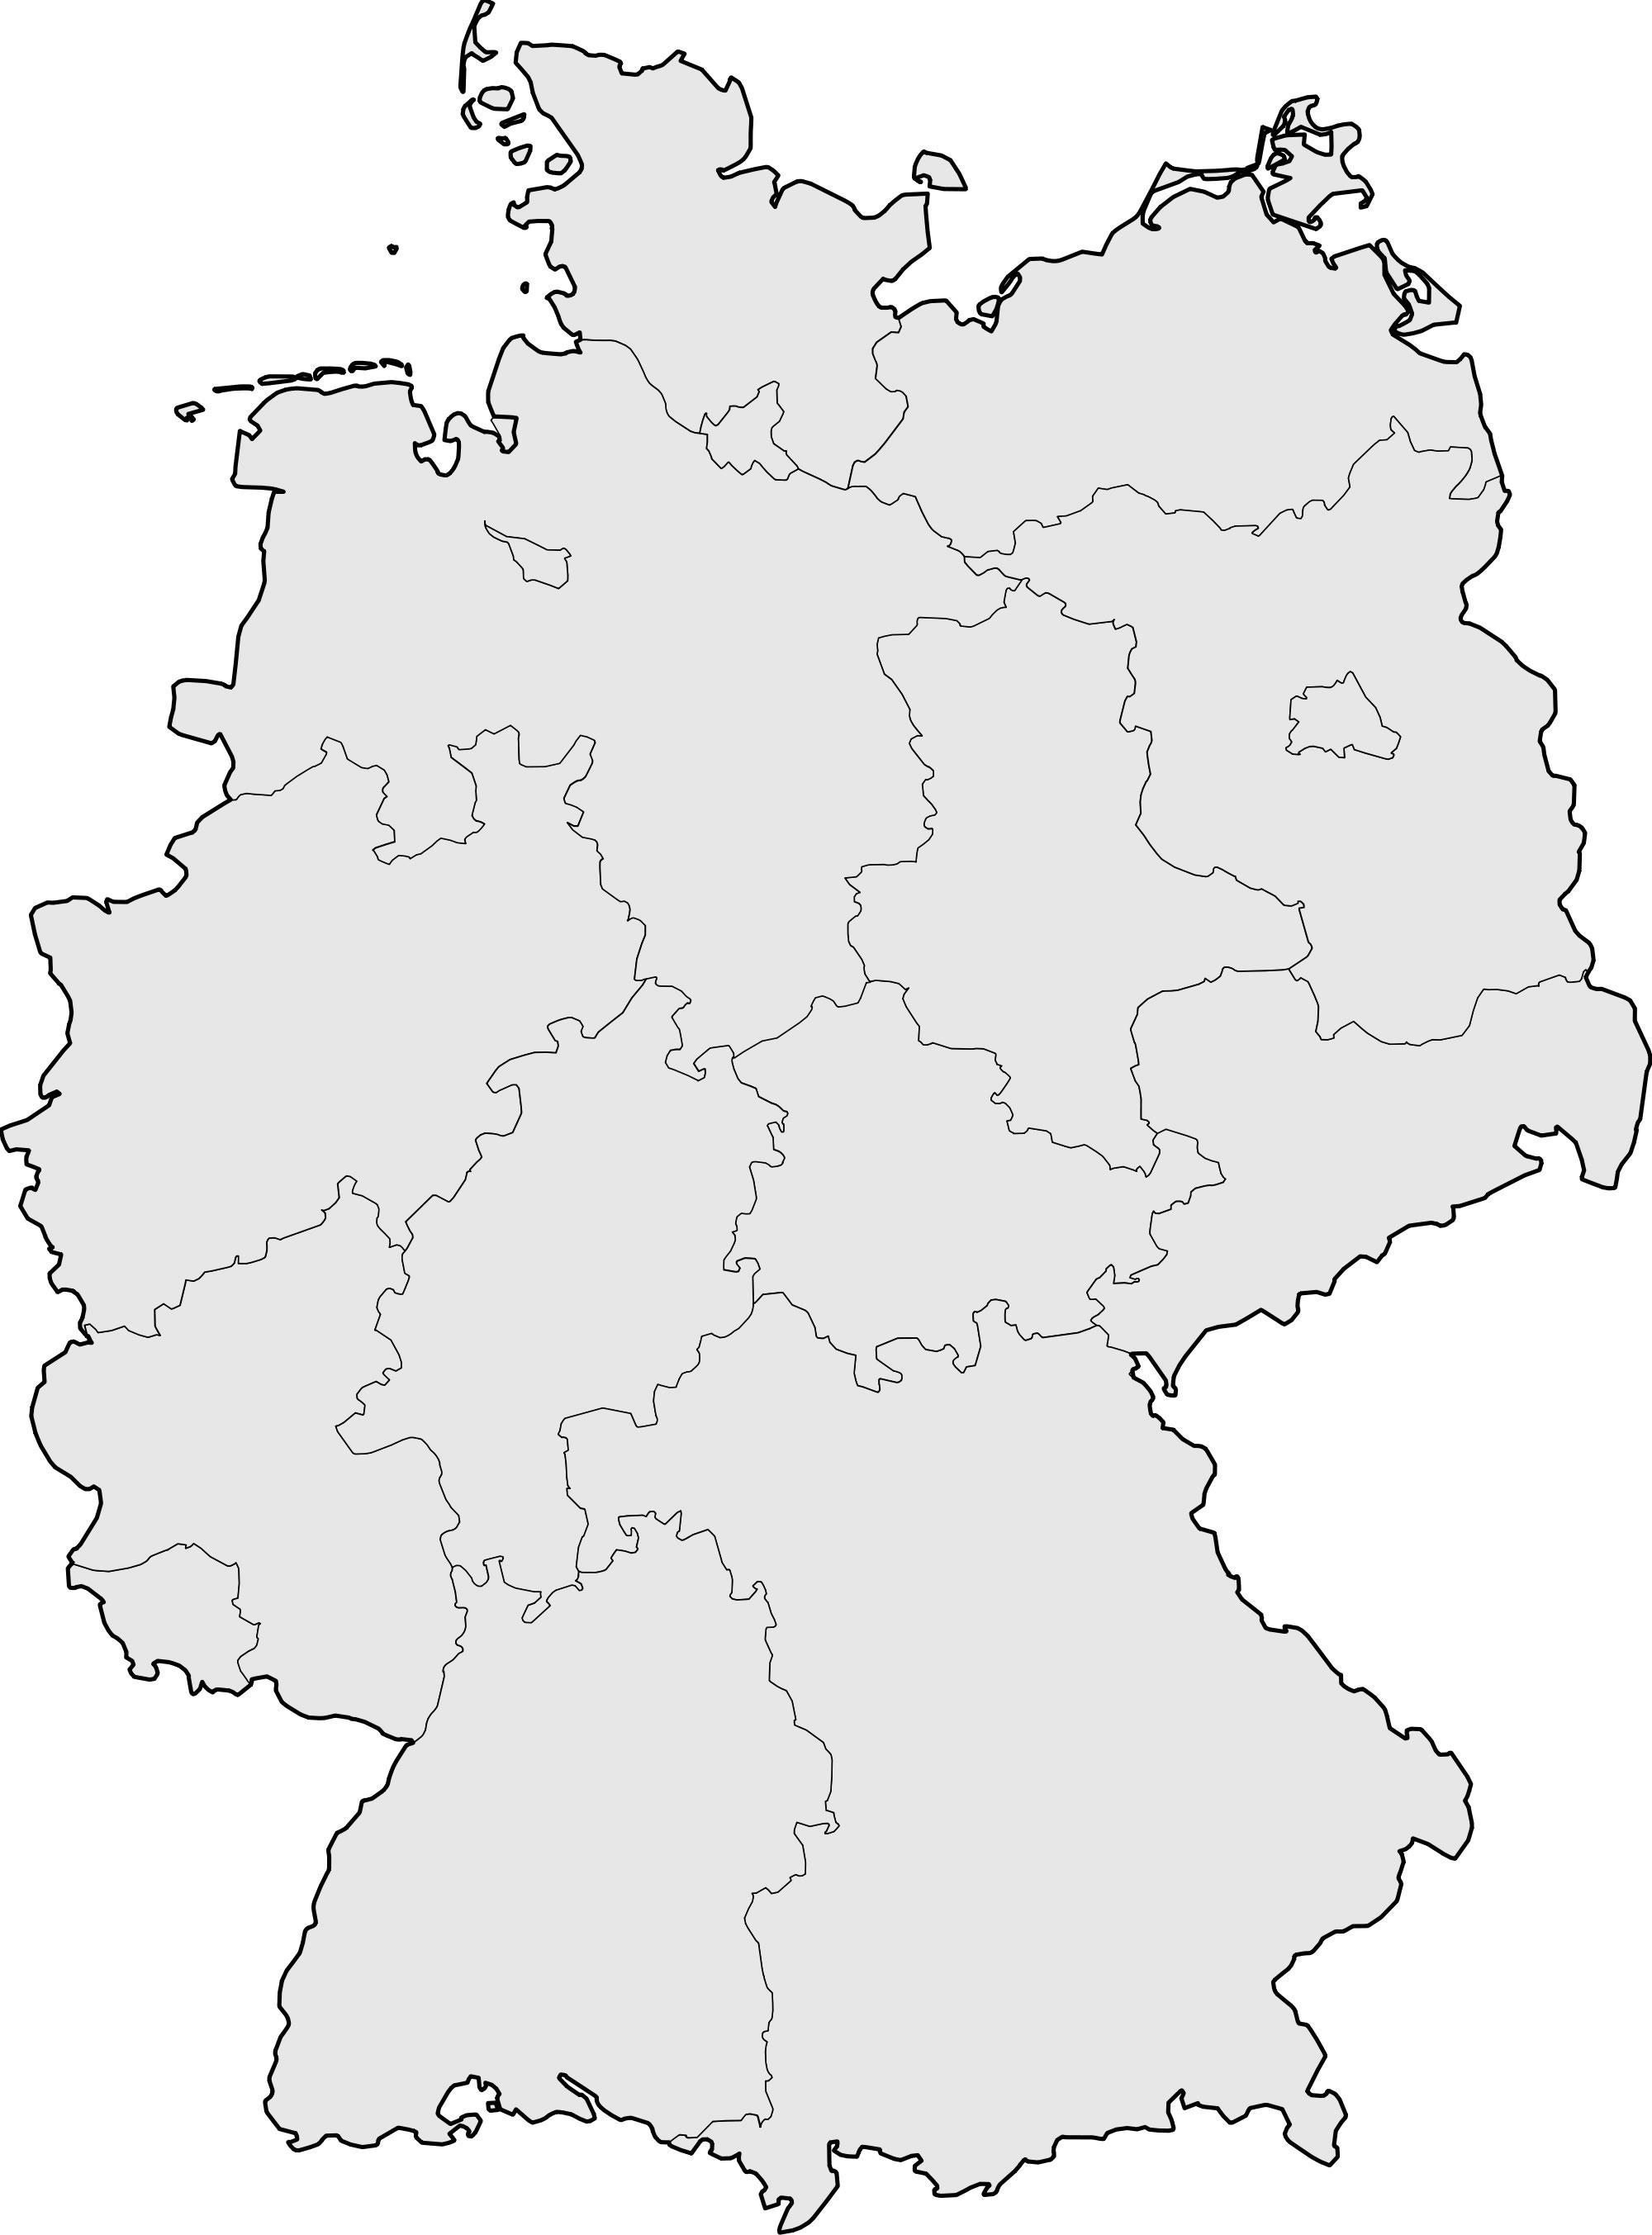 Carte Allemagne Vierge, Carte Vierge De L'allemagne encequiconcerne Union Européenne Carte Vierge